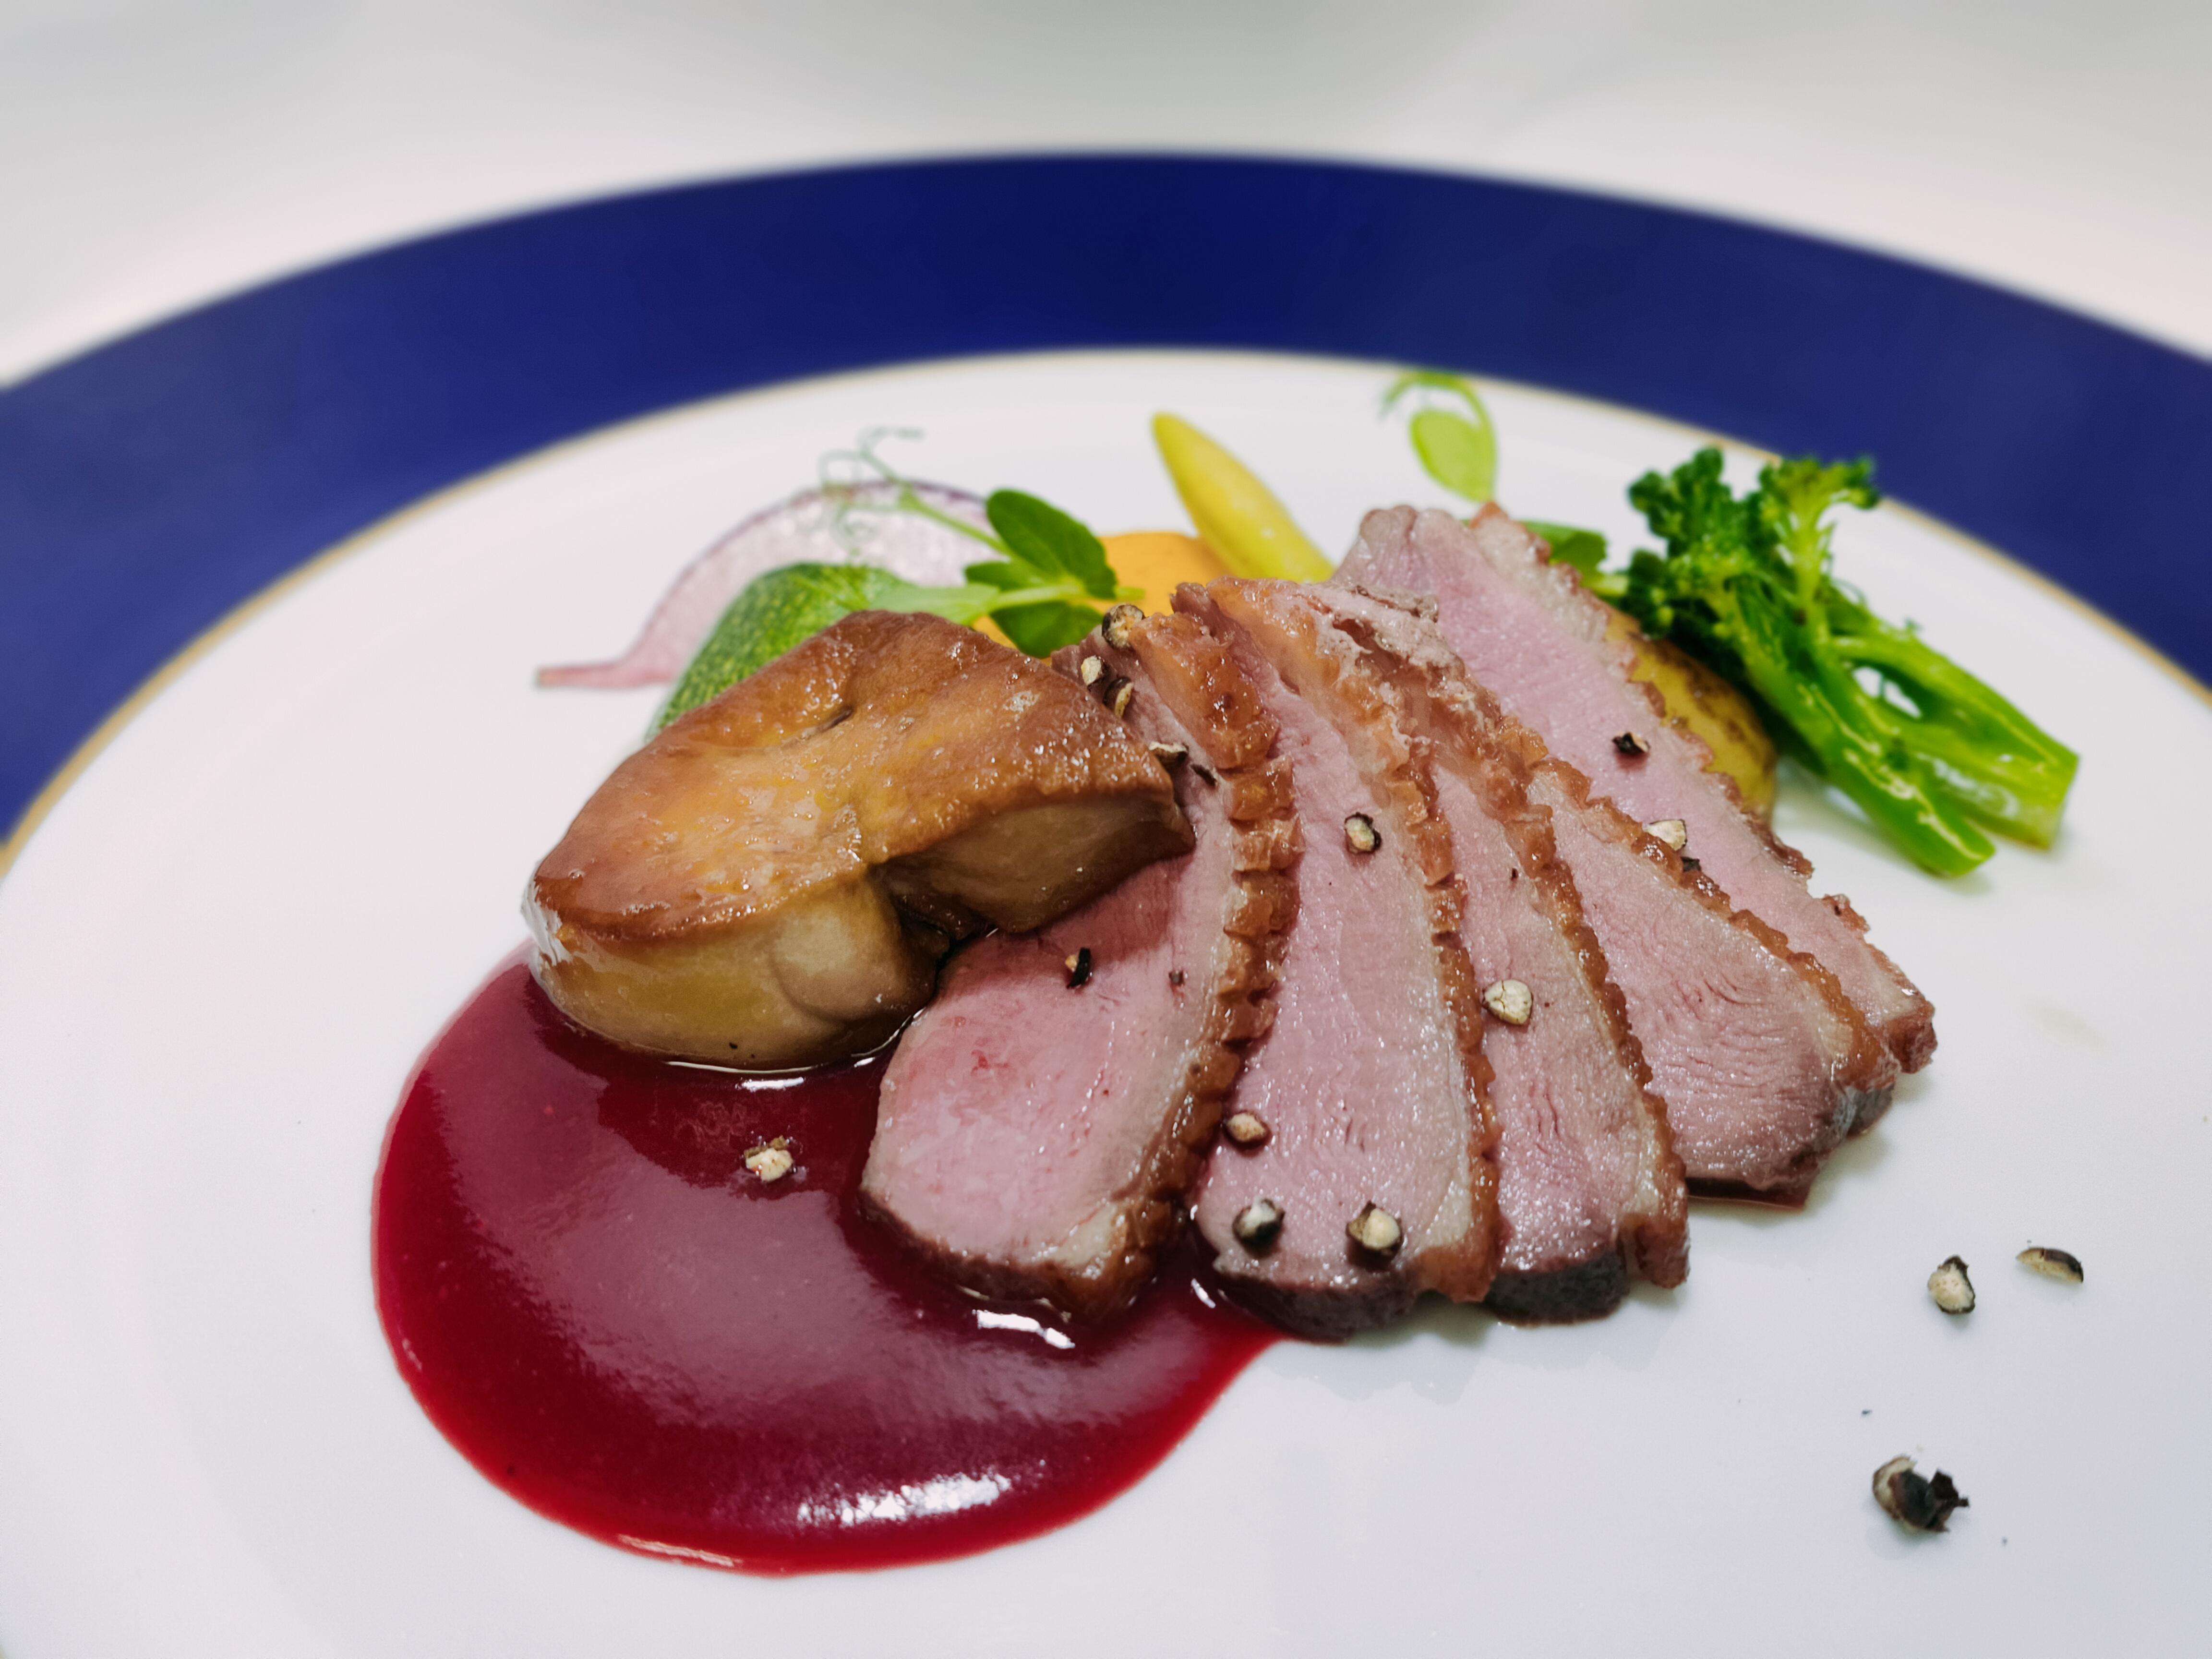 鴨の胸肉とフォアグラのソテー ビーツのソース